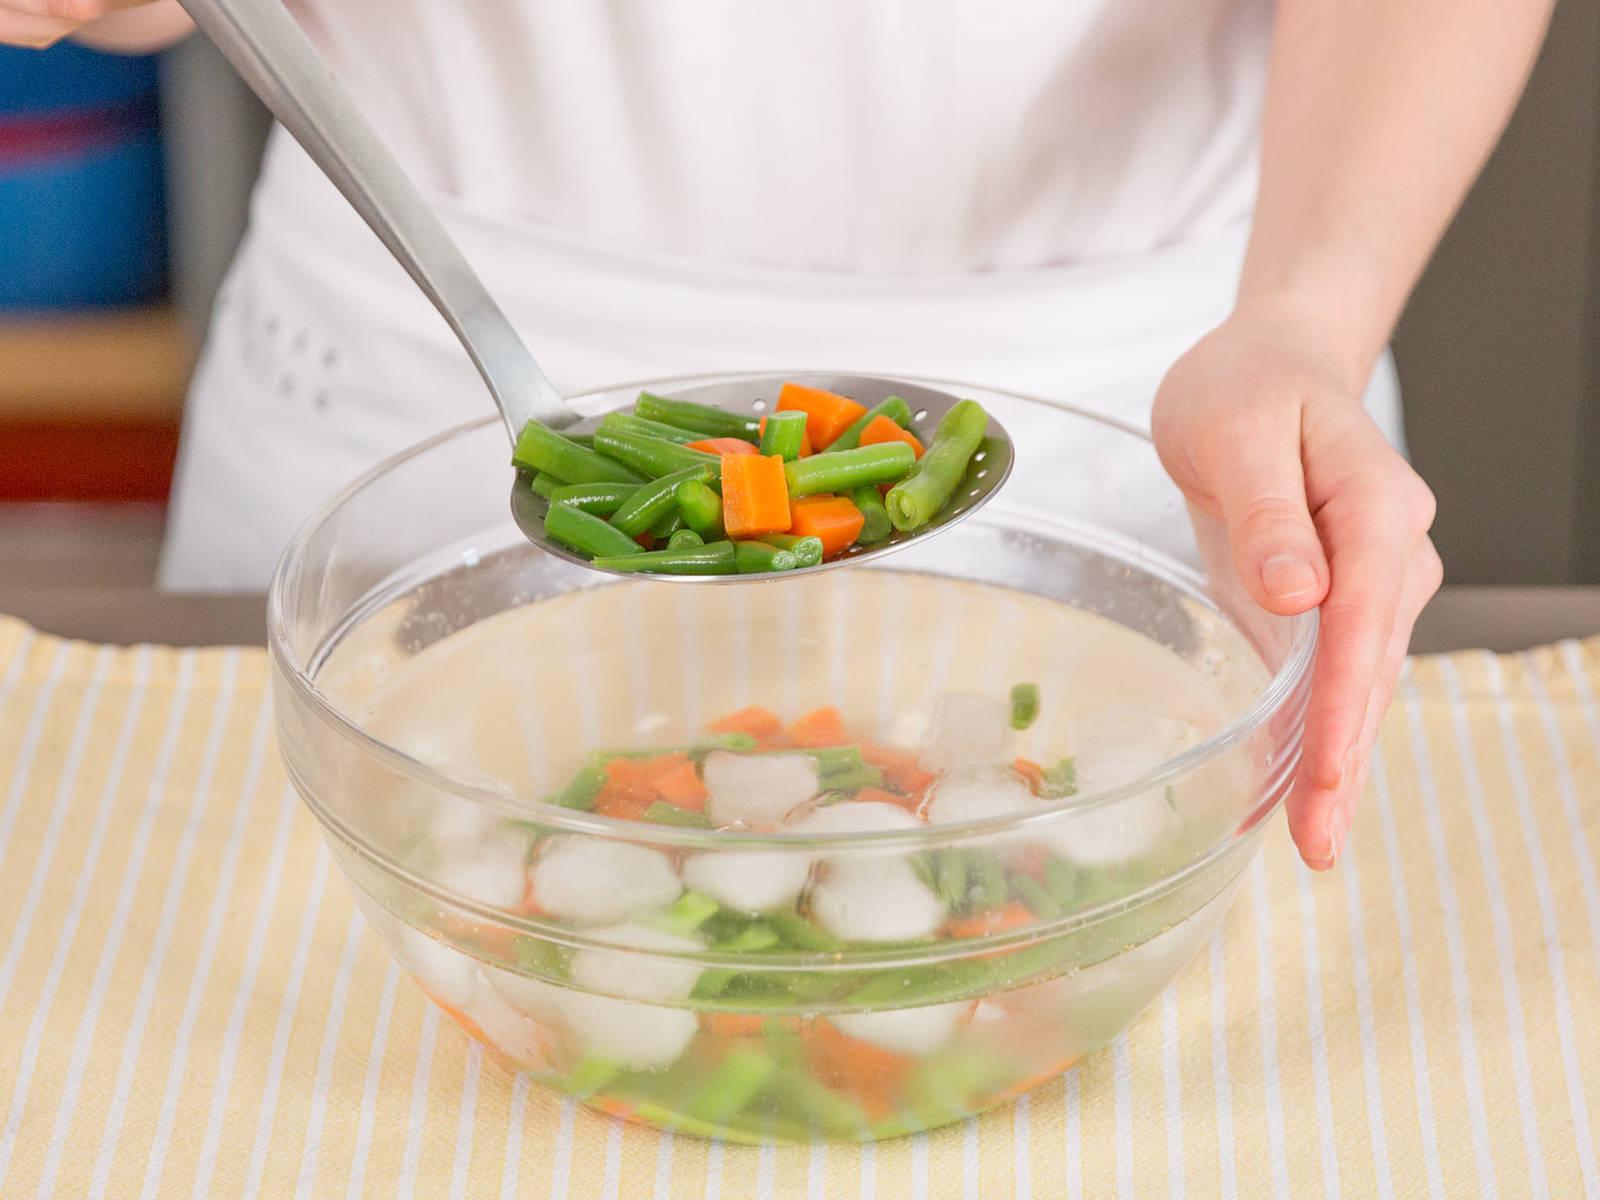 In einem mittelgroßen Topf Karotten und grüne Stangenbohnen ca. 3 - 5 Min. blanchieren. In ein Eisbad geben und danach abgießen. Das Gemüse zusammen mit weißen Bohnen, Fleisch und Brühe servieren. Guten Appetit!